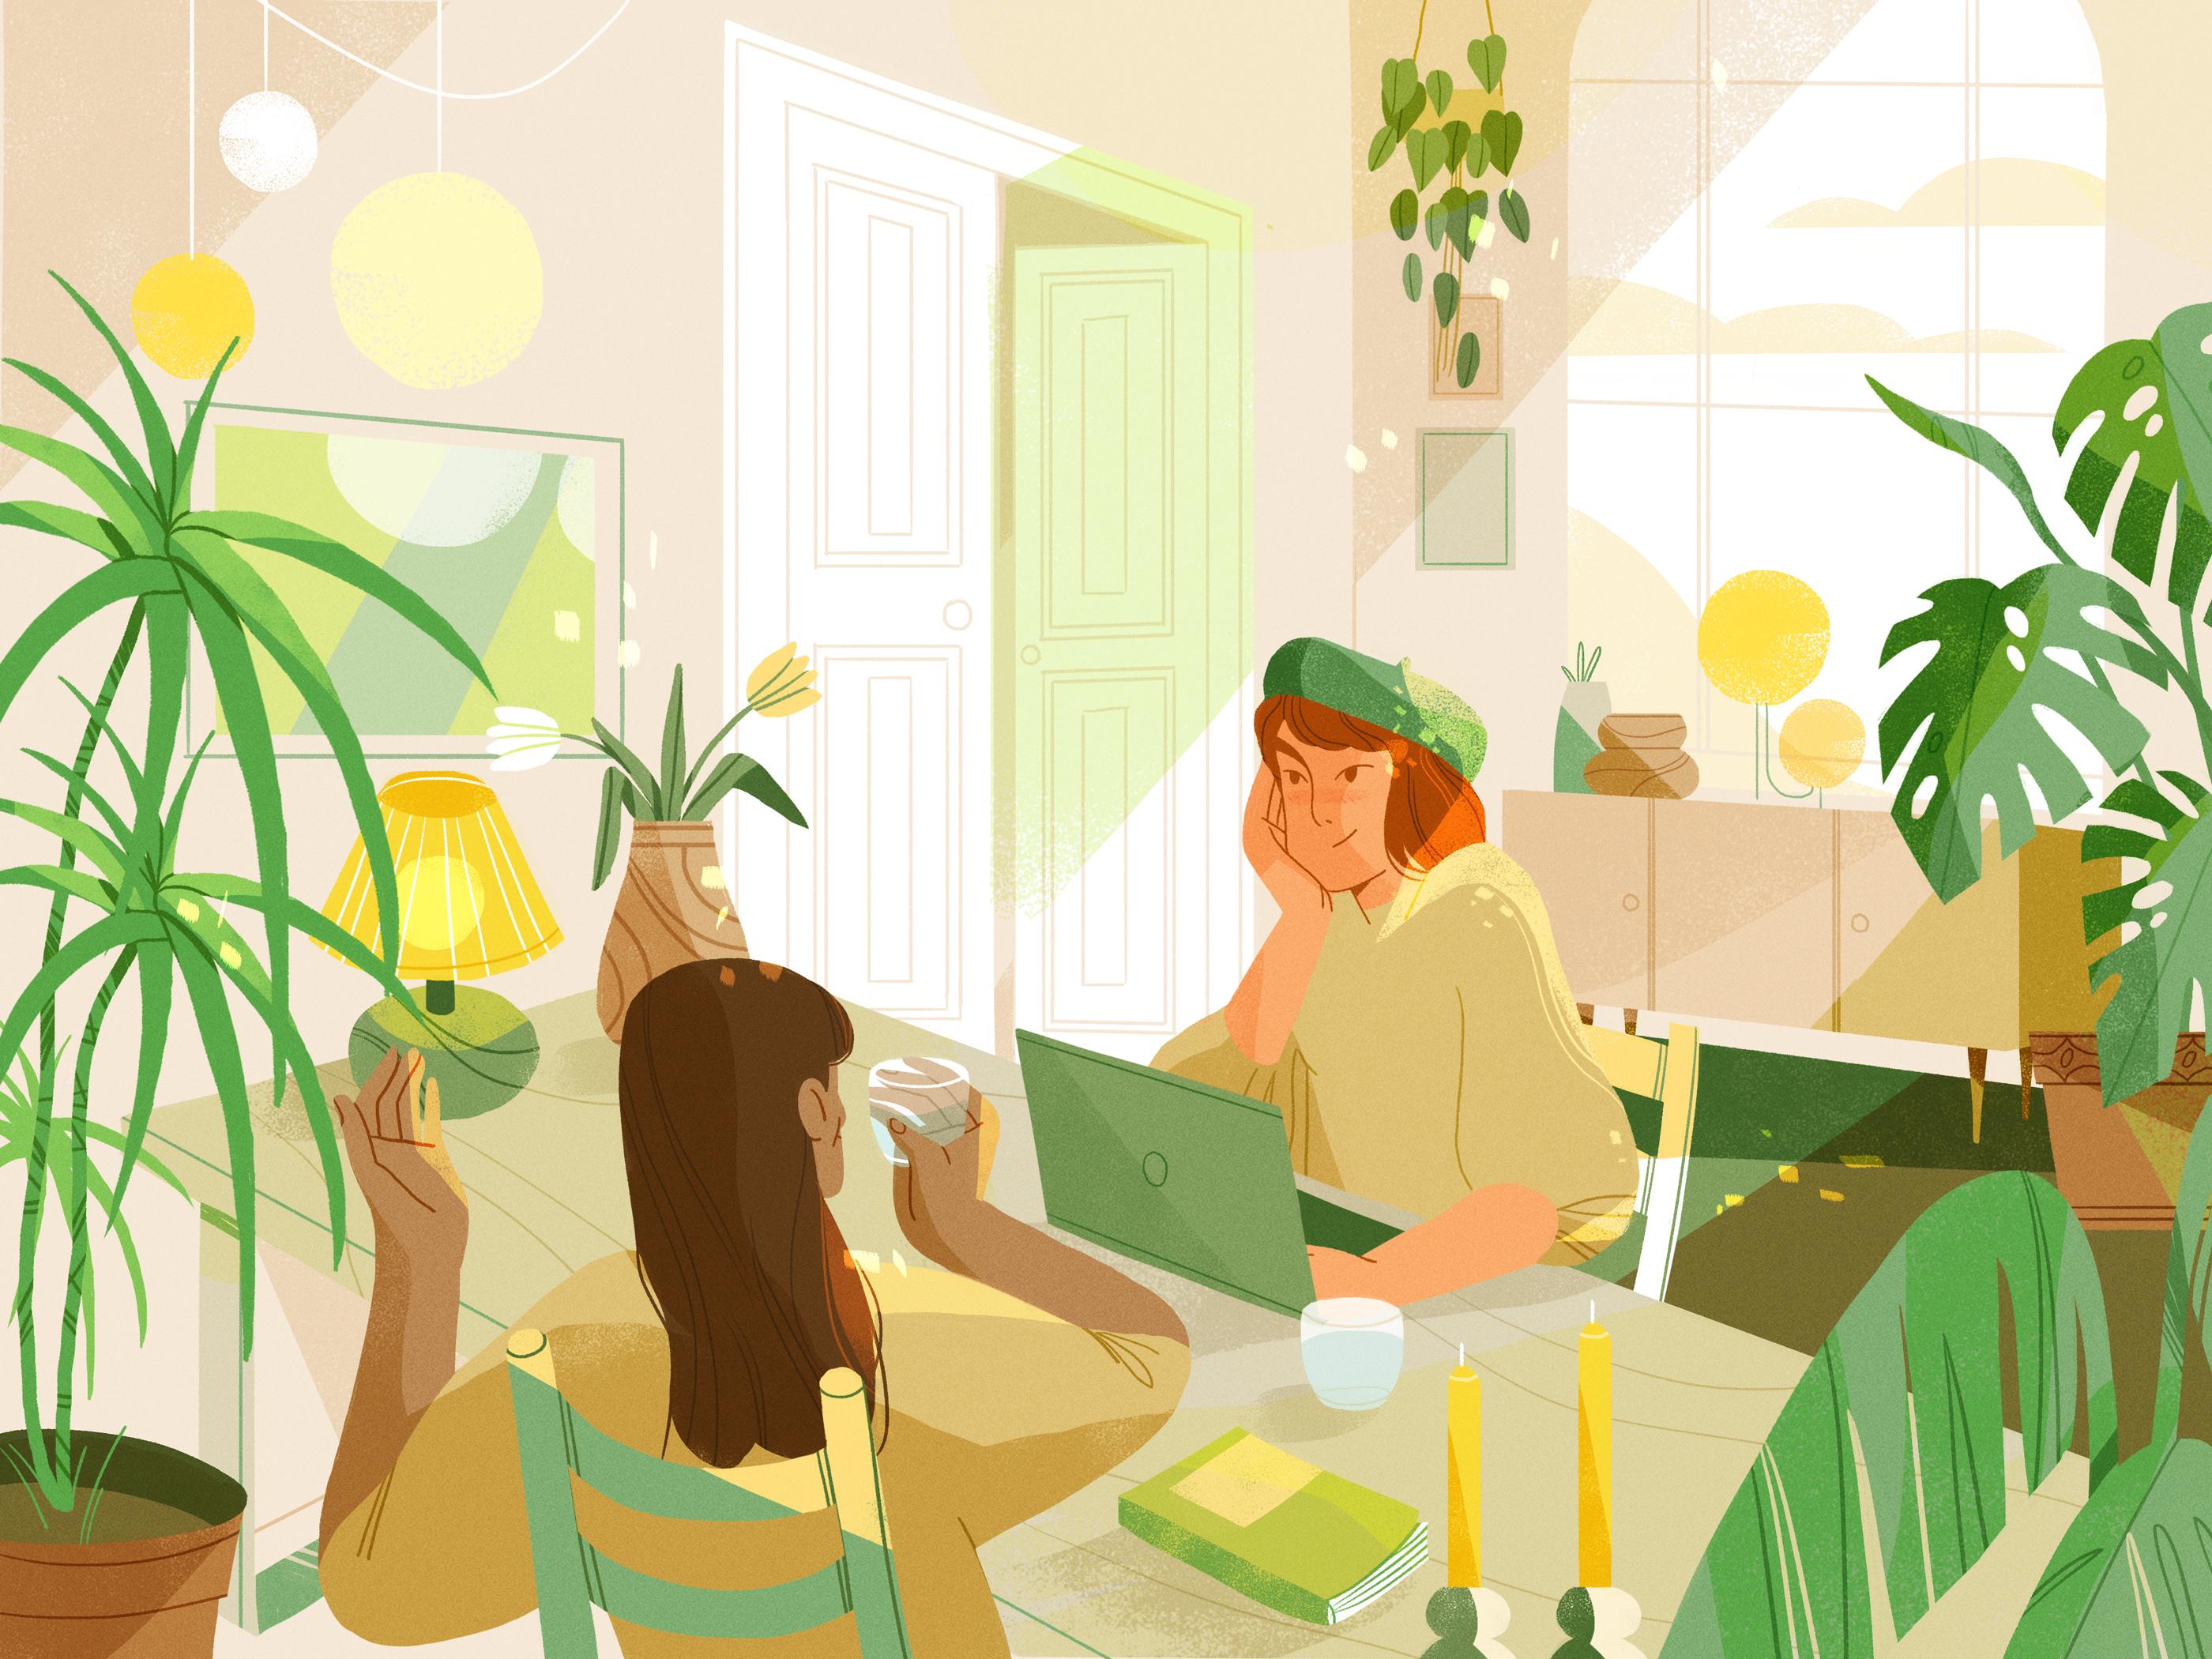 the millennials life hướng nội cuốn hút hấp dẫn